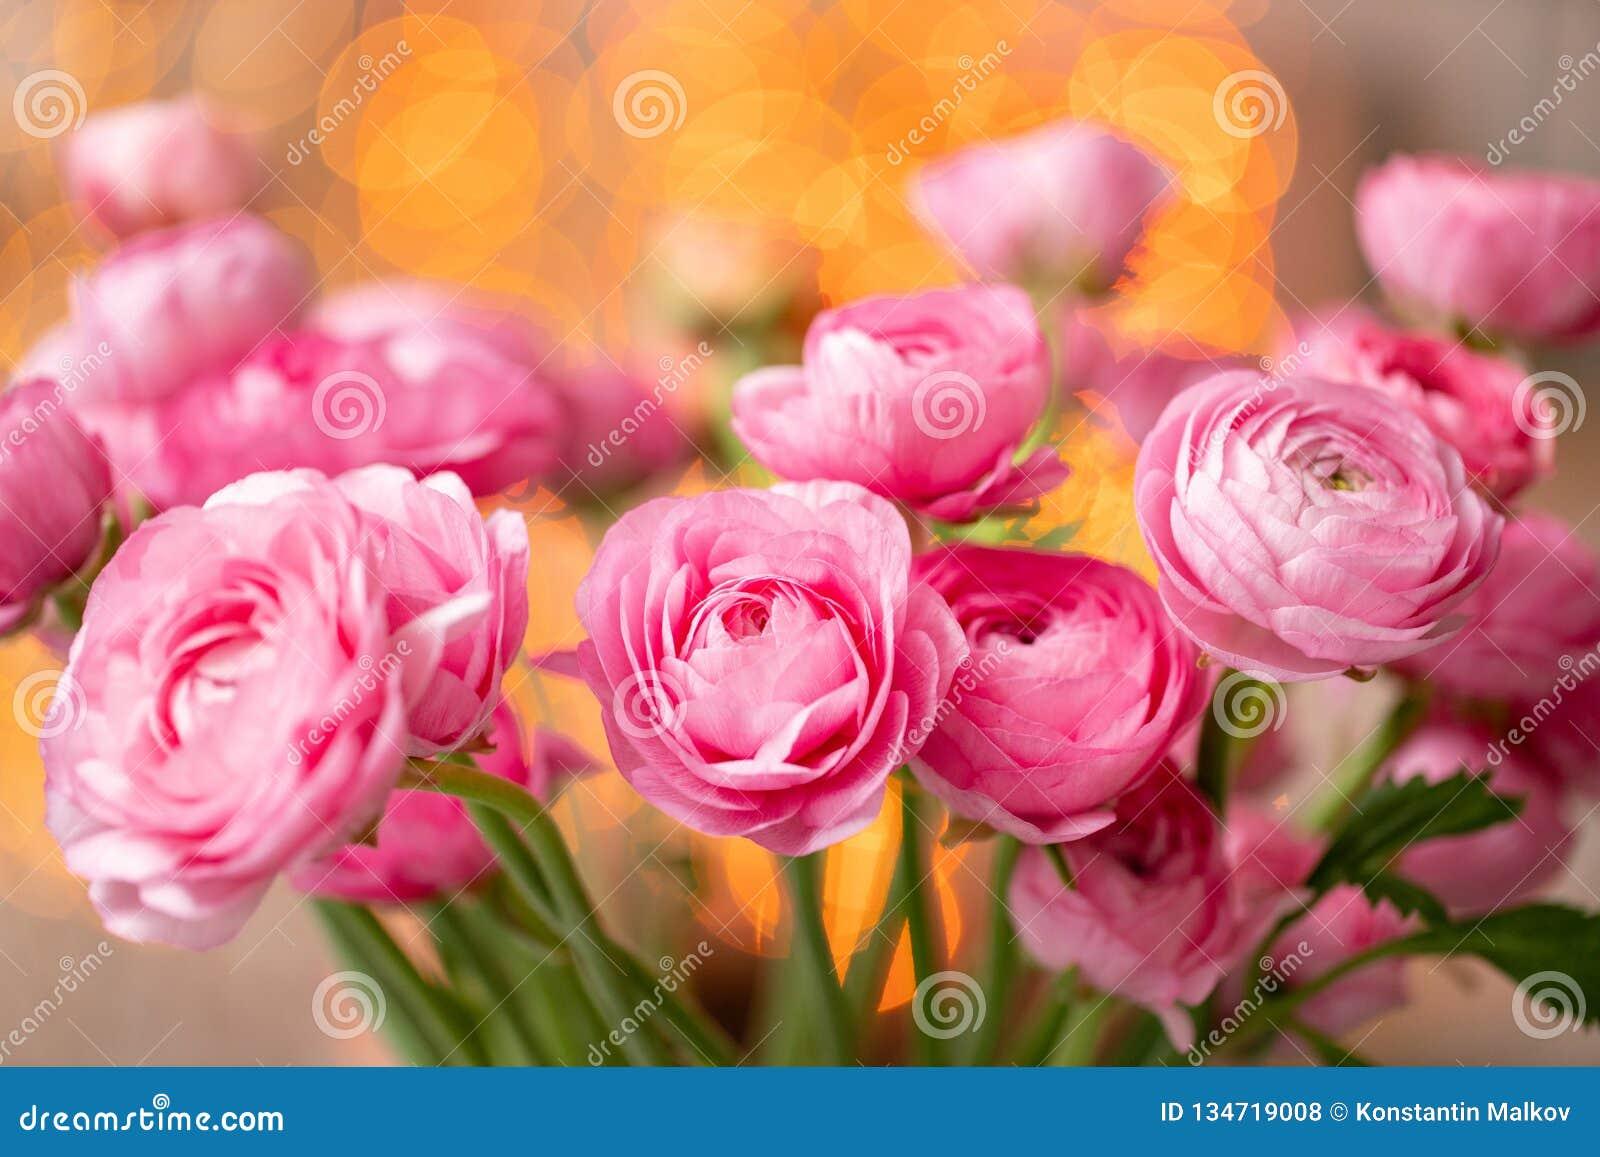 Persisk buttercup Karmosinröda rosa ranunculusblommor för grupp i exponeringsglasvas Girlandbokeh på bakgrund wallpaper